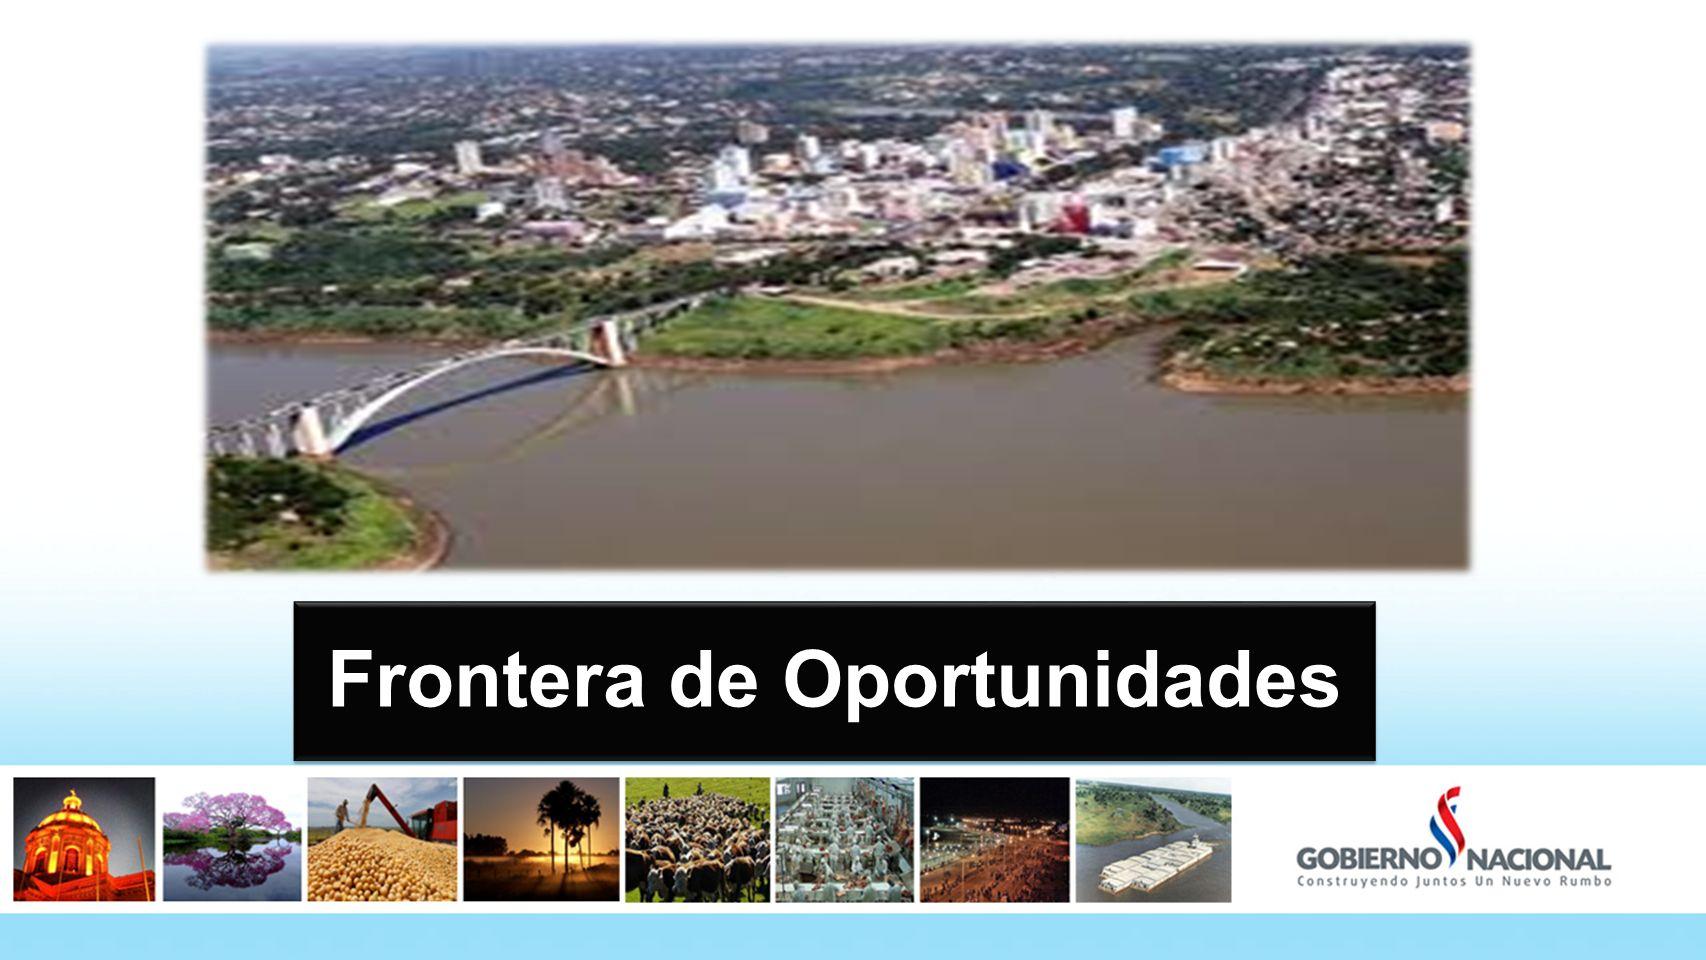 Frontera de Oportunidades